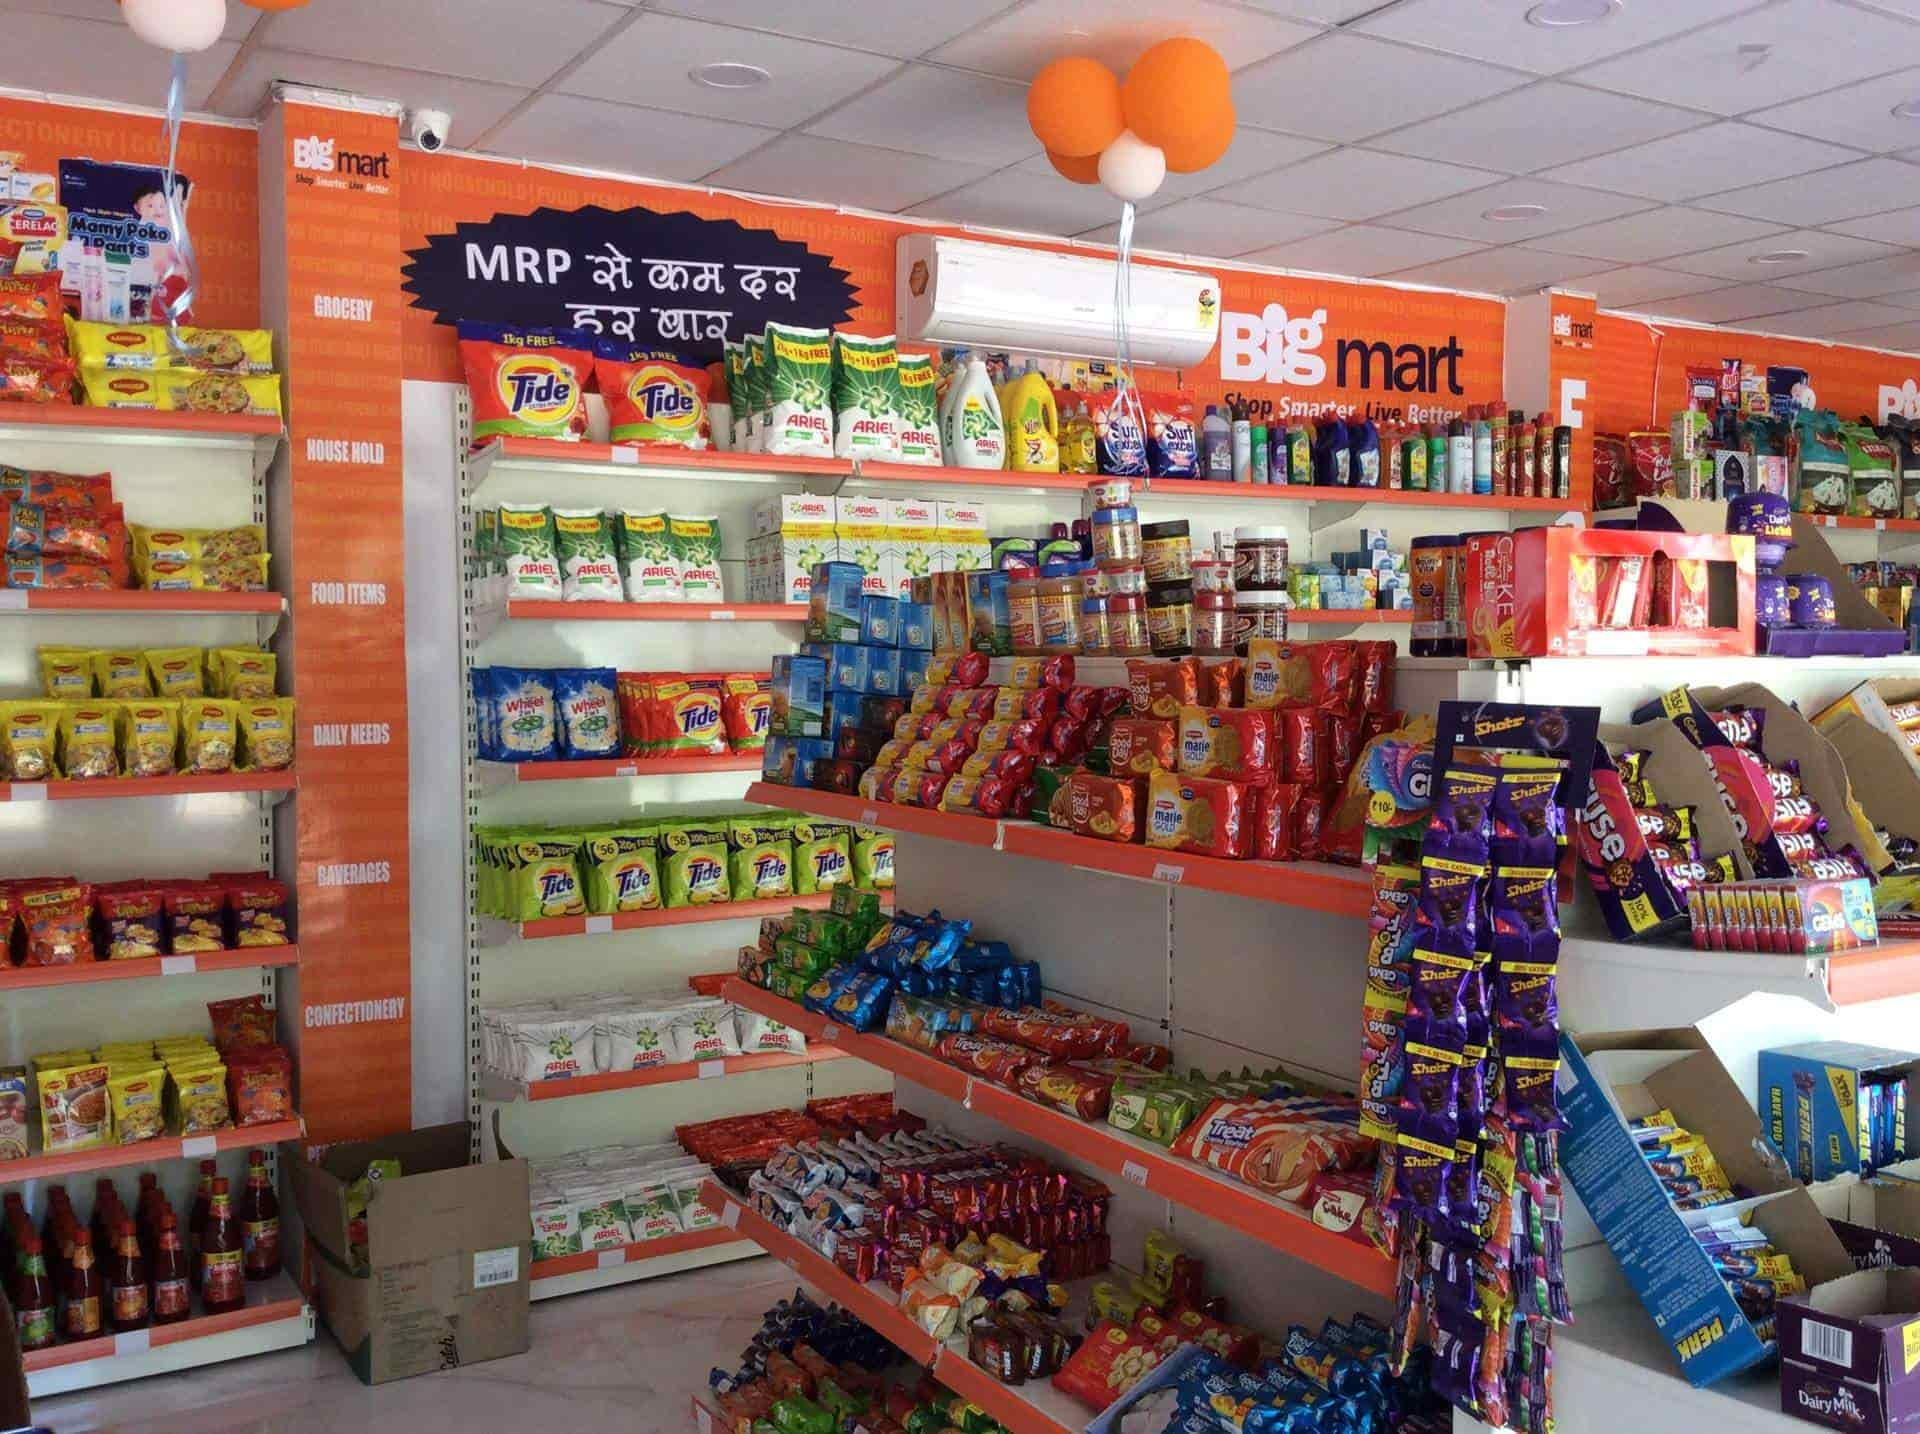 Big Mart, Bagh Swaniya - Supermarkets in Bhopal - Justdial